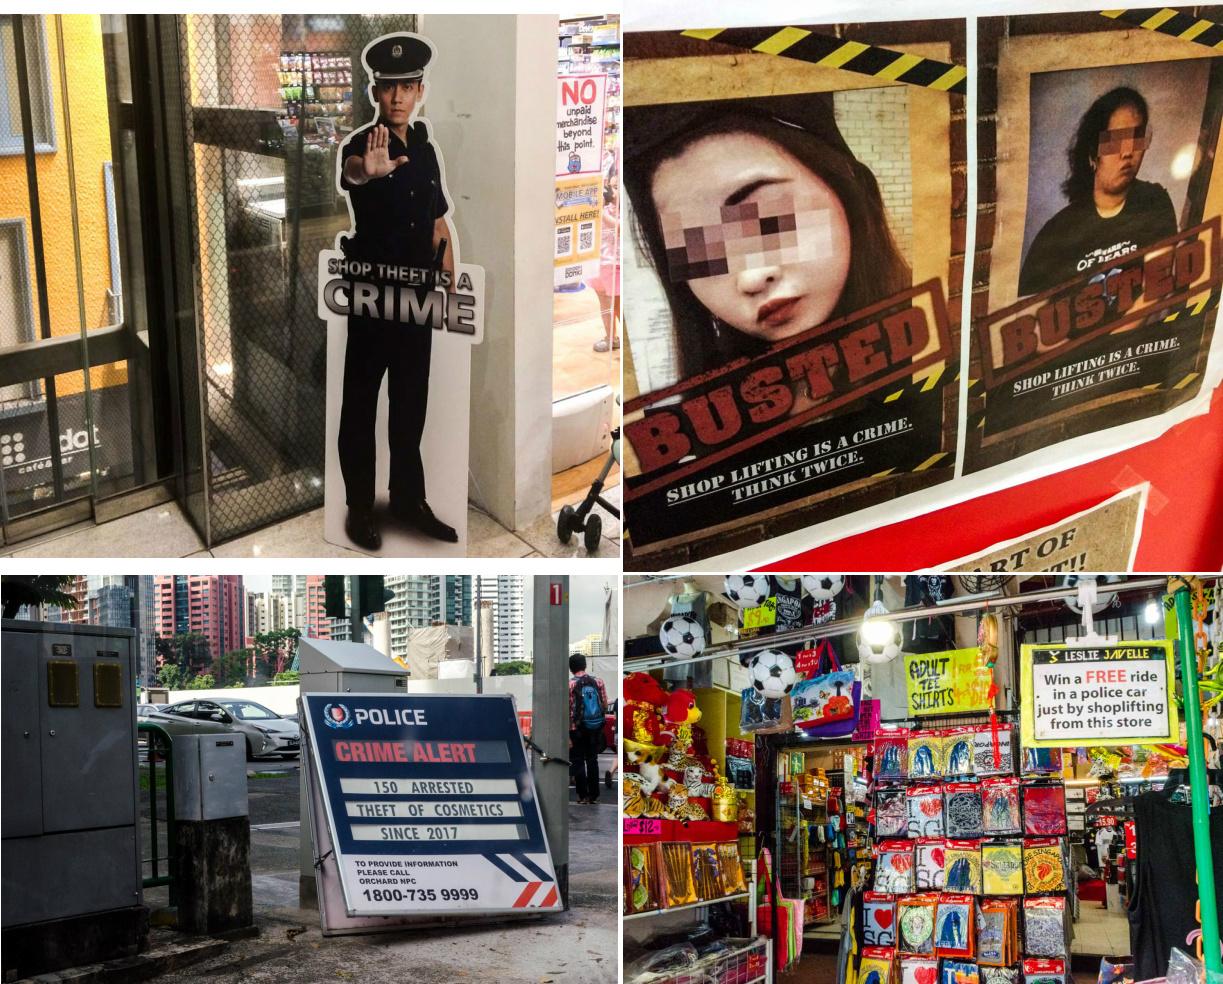 Singapur Zoznamka Tipy zakázané láska zadarmo datovania